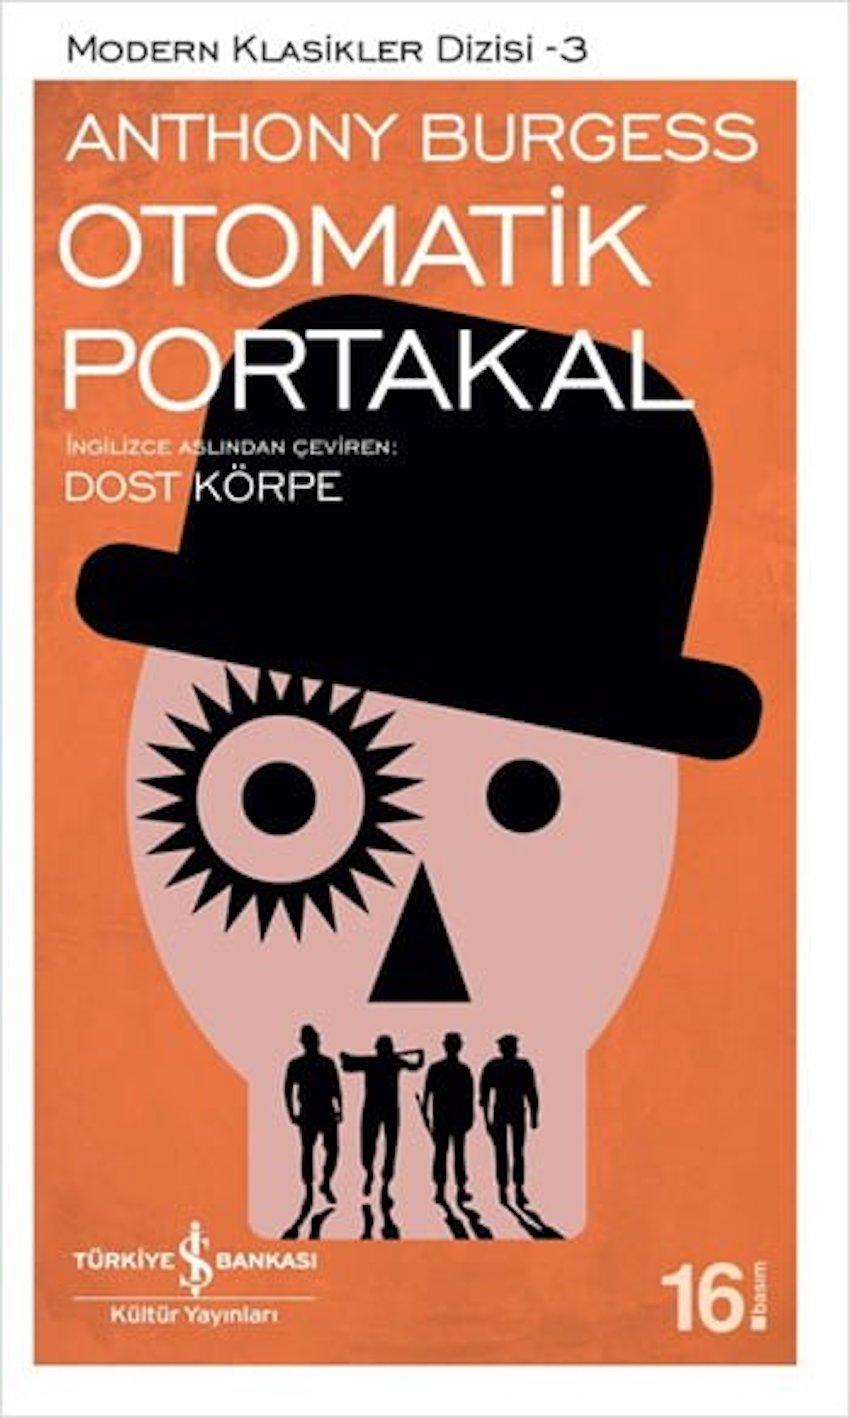 Otomatik Portakal, Anthony Burgess